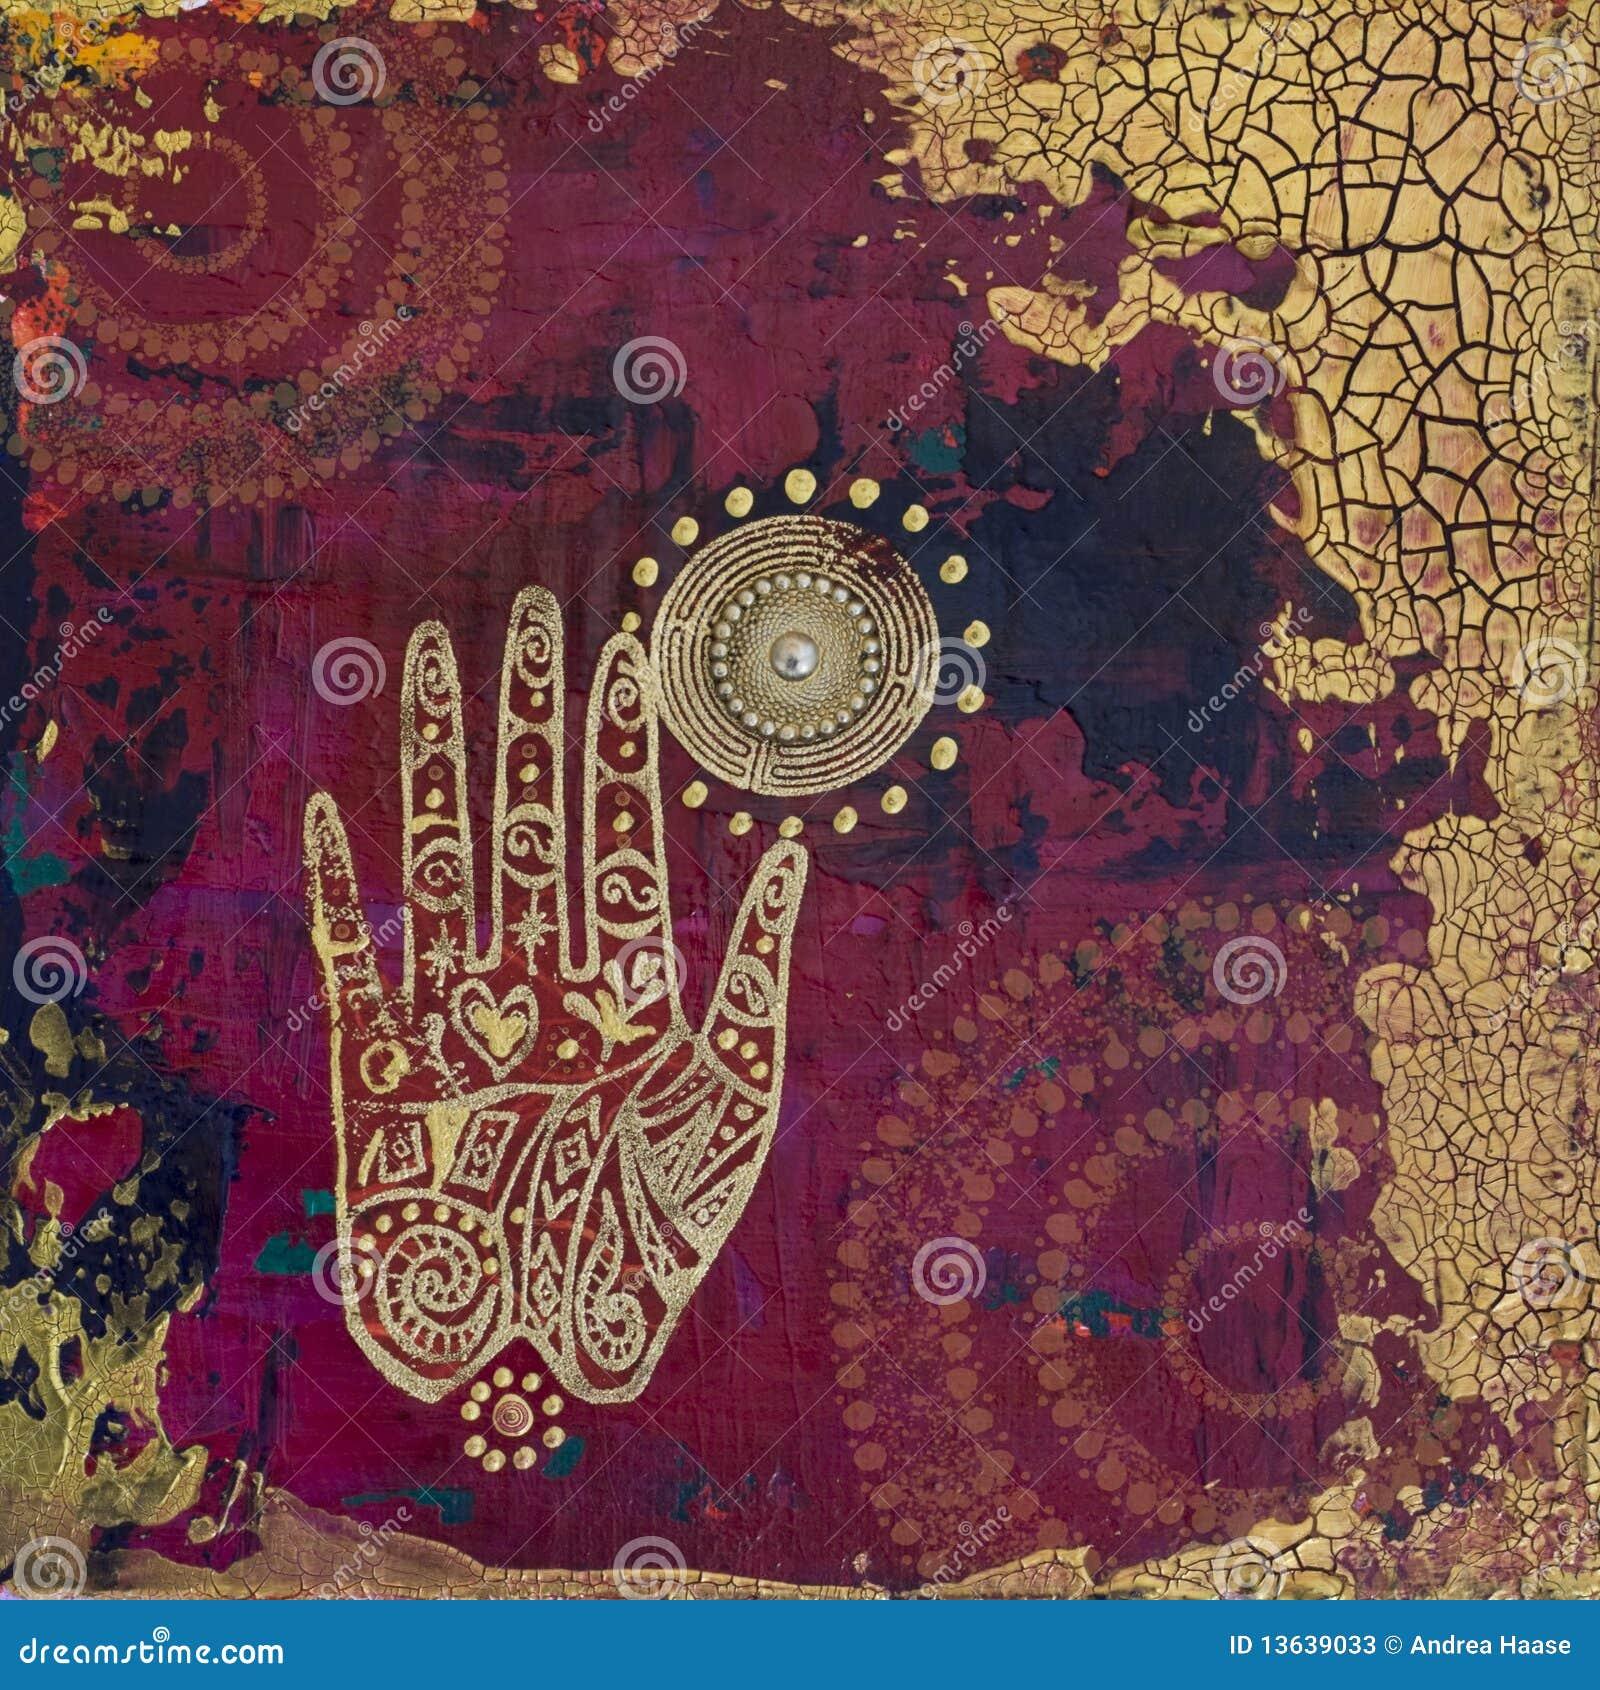 Ilustraciones del collage de la mano